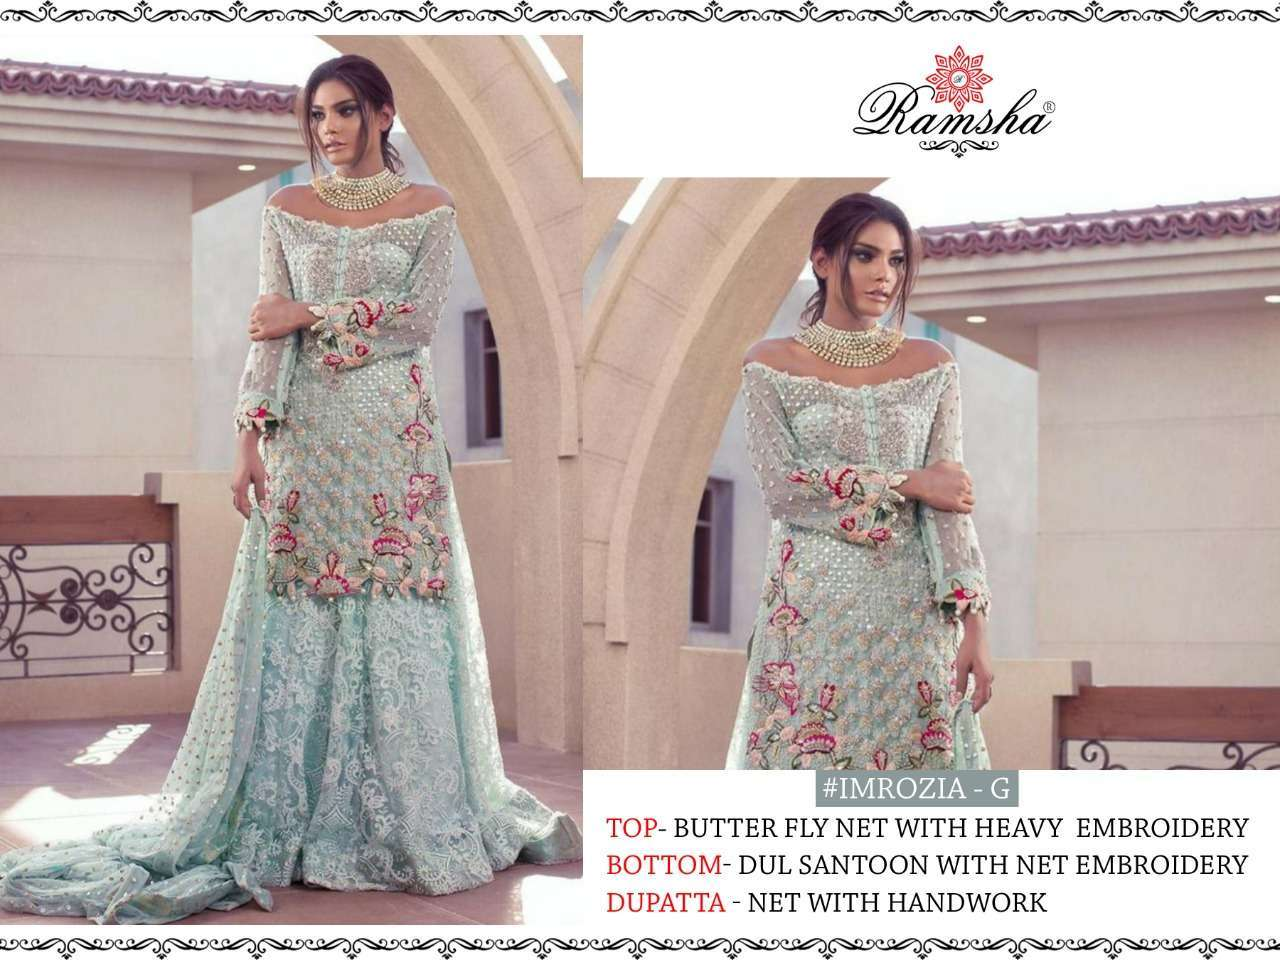 Ramsha Imrozia Nx with embroidery wotk pakisatni suit collection 06